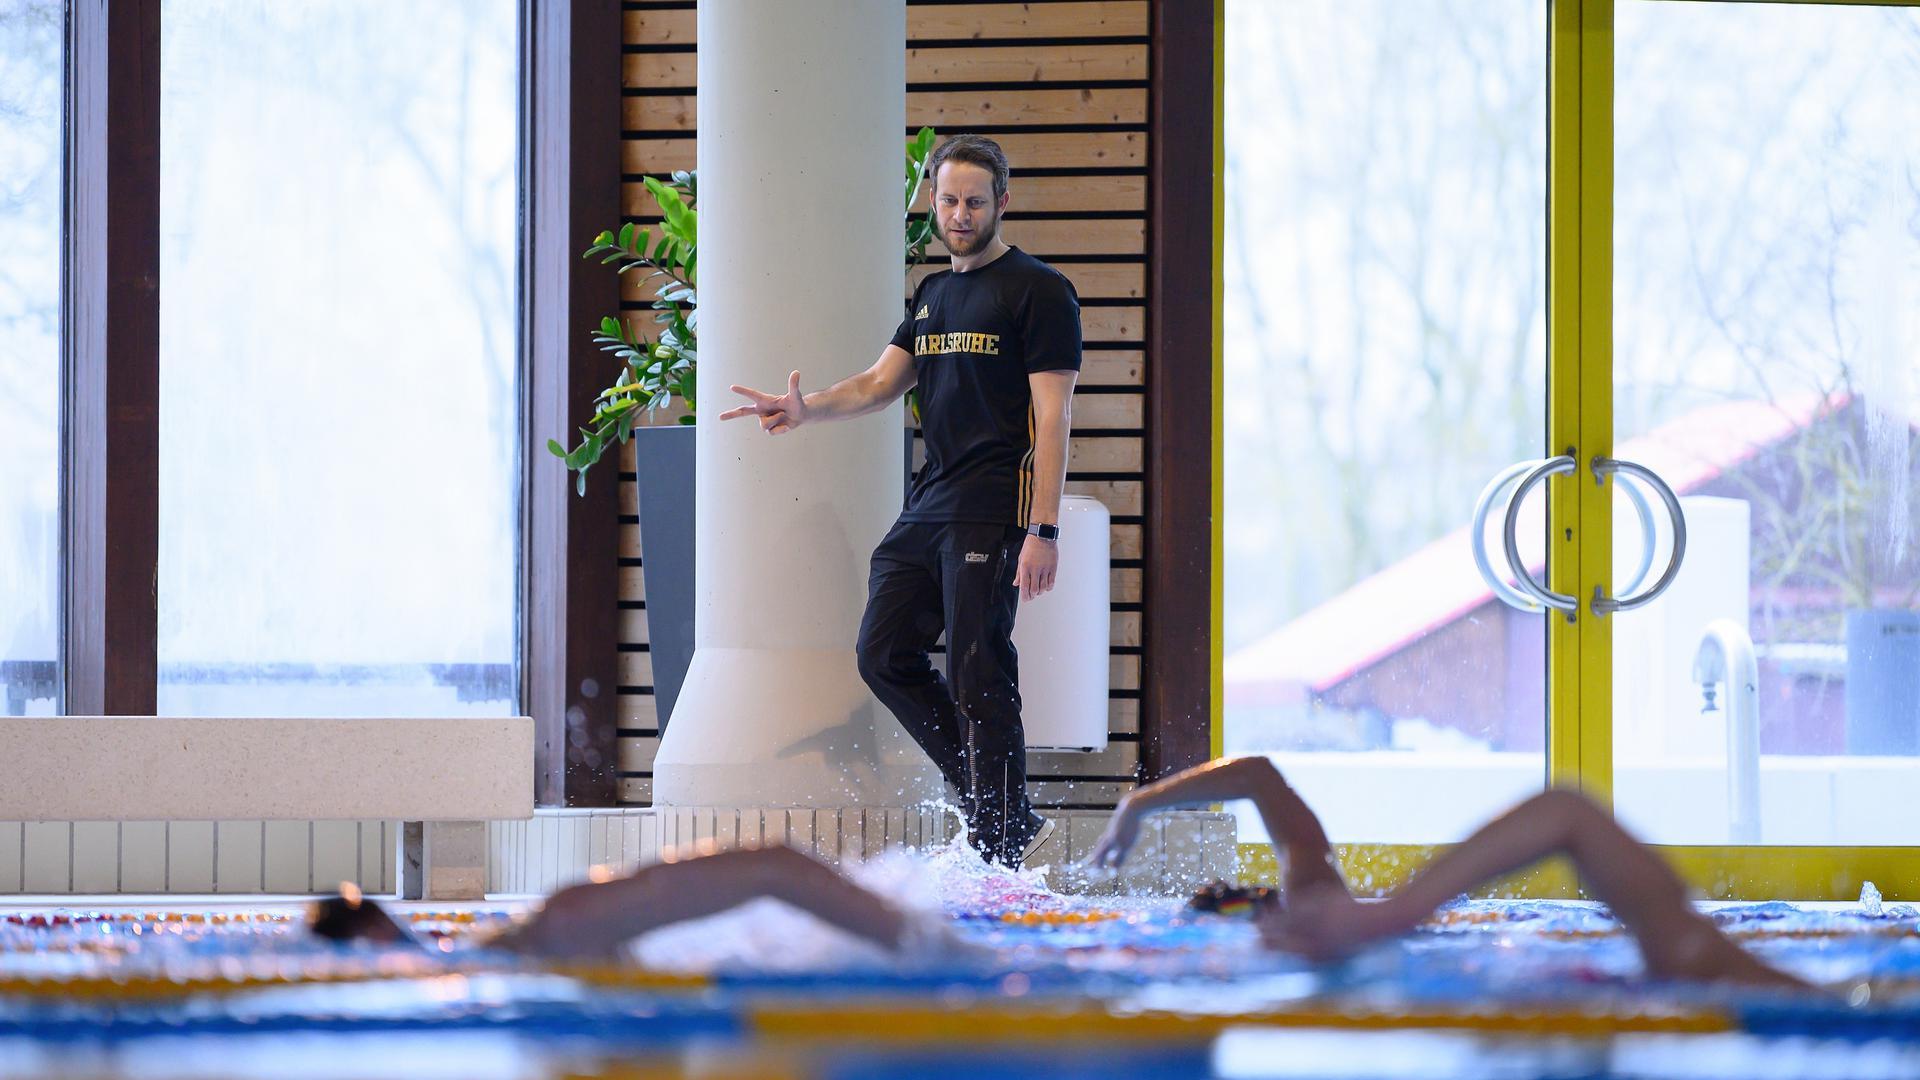 Jonas Holzwarth neuer (SGRK Cheftrainer) beobachtet das Schwimmtraining der SGRK.  GES/ Schwimmen/ Training SGR Karlsruhe, 16.02.2021